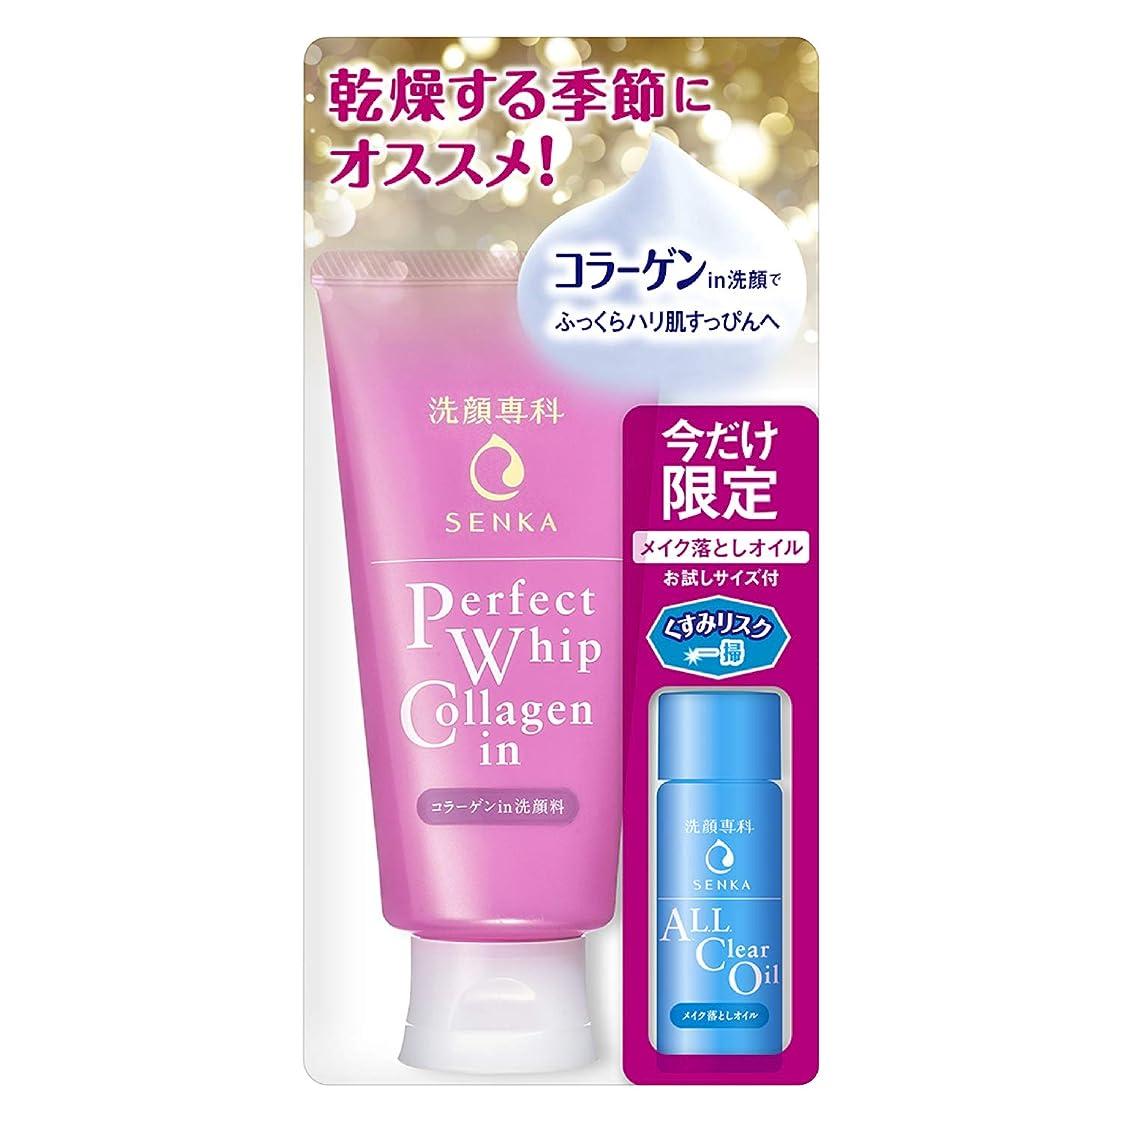 キャリアサッカージム洗顔専科 パーフェクトホイップ コラーゲンin オールクリアオイル特製サイズ付き